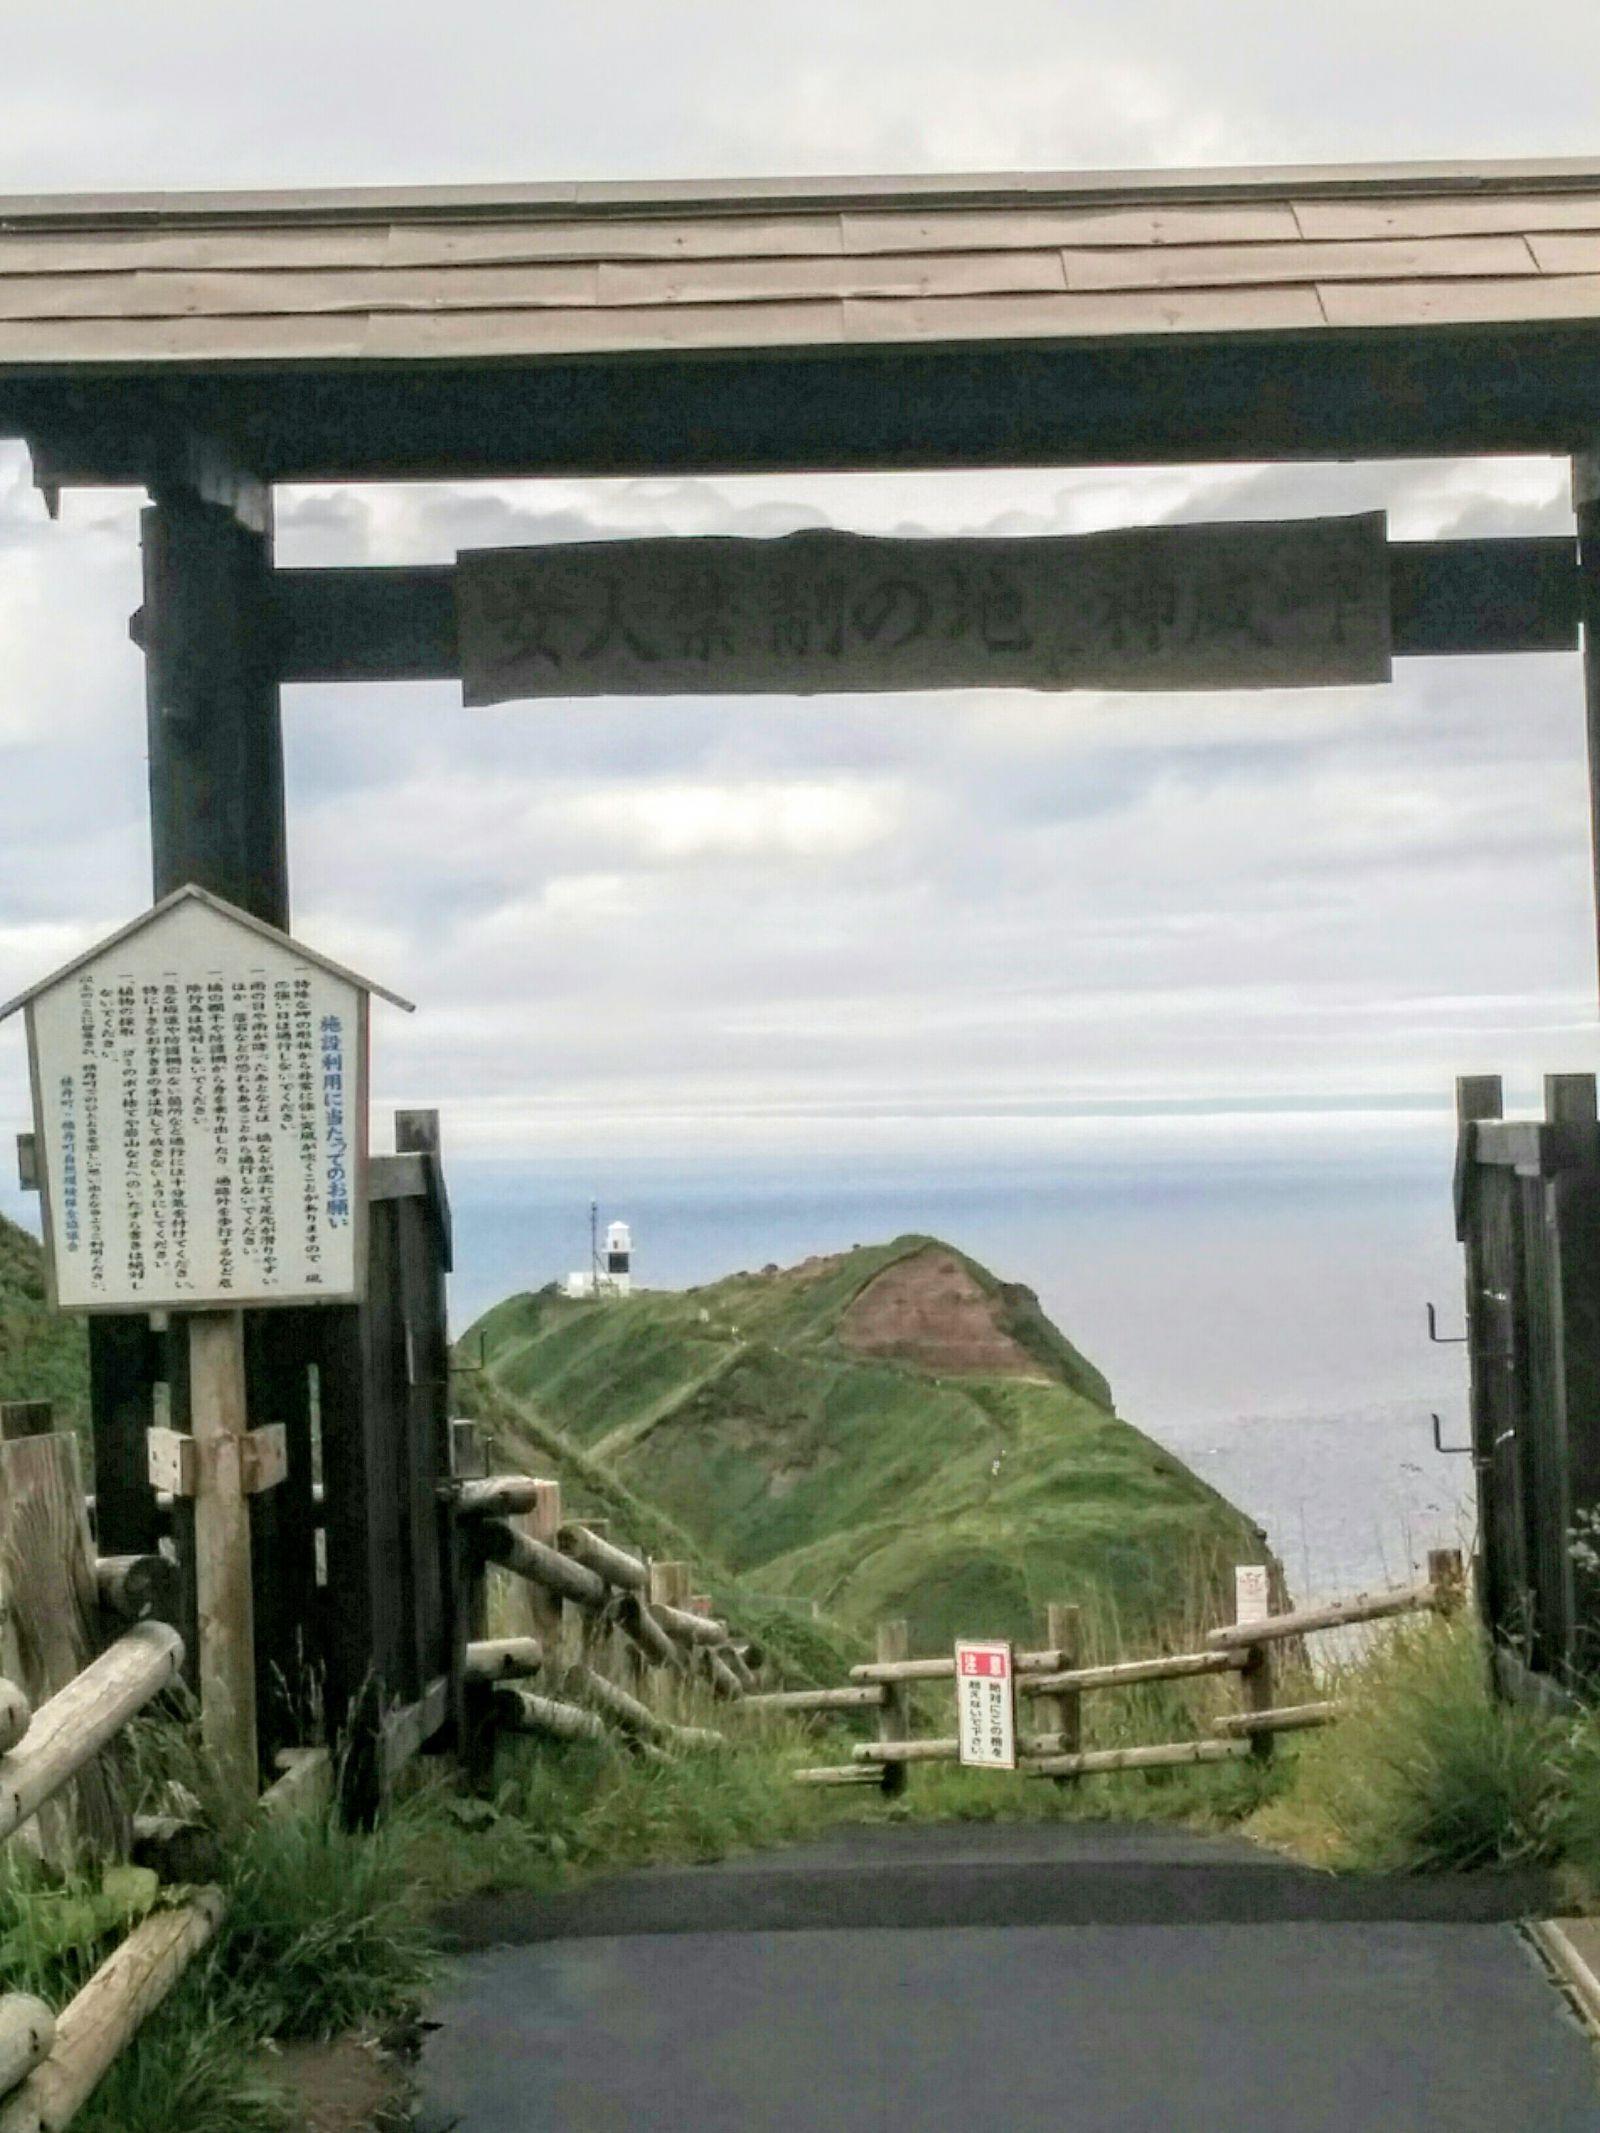 【積丹】夏の積丹半島神威岬観光案内です。